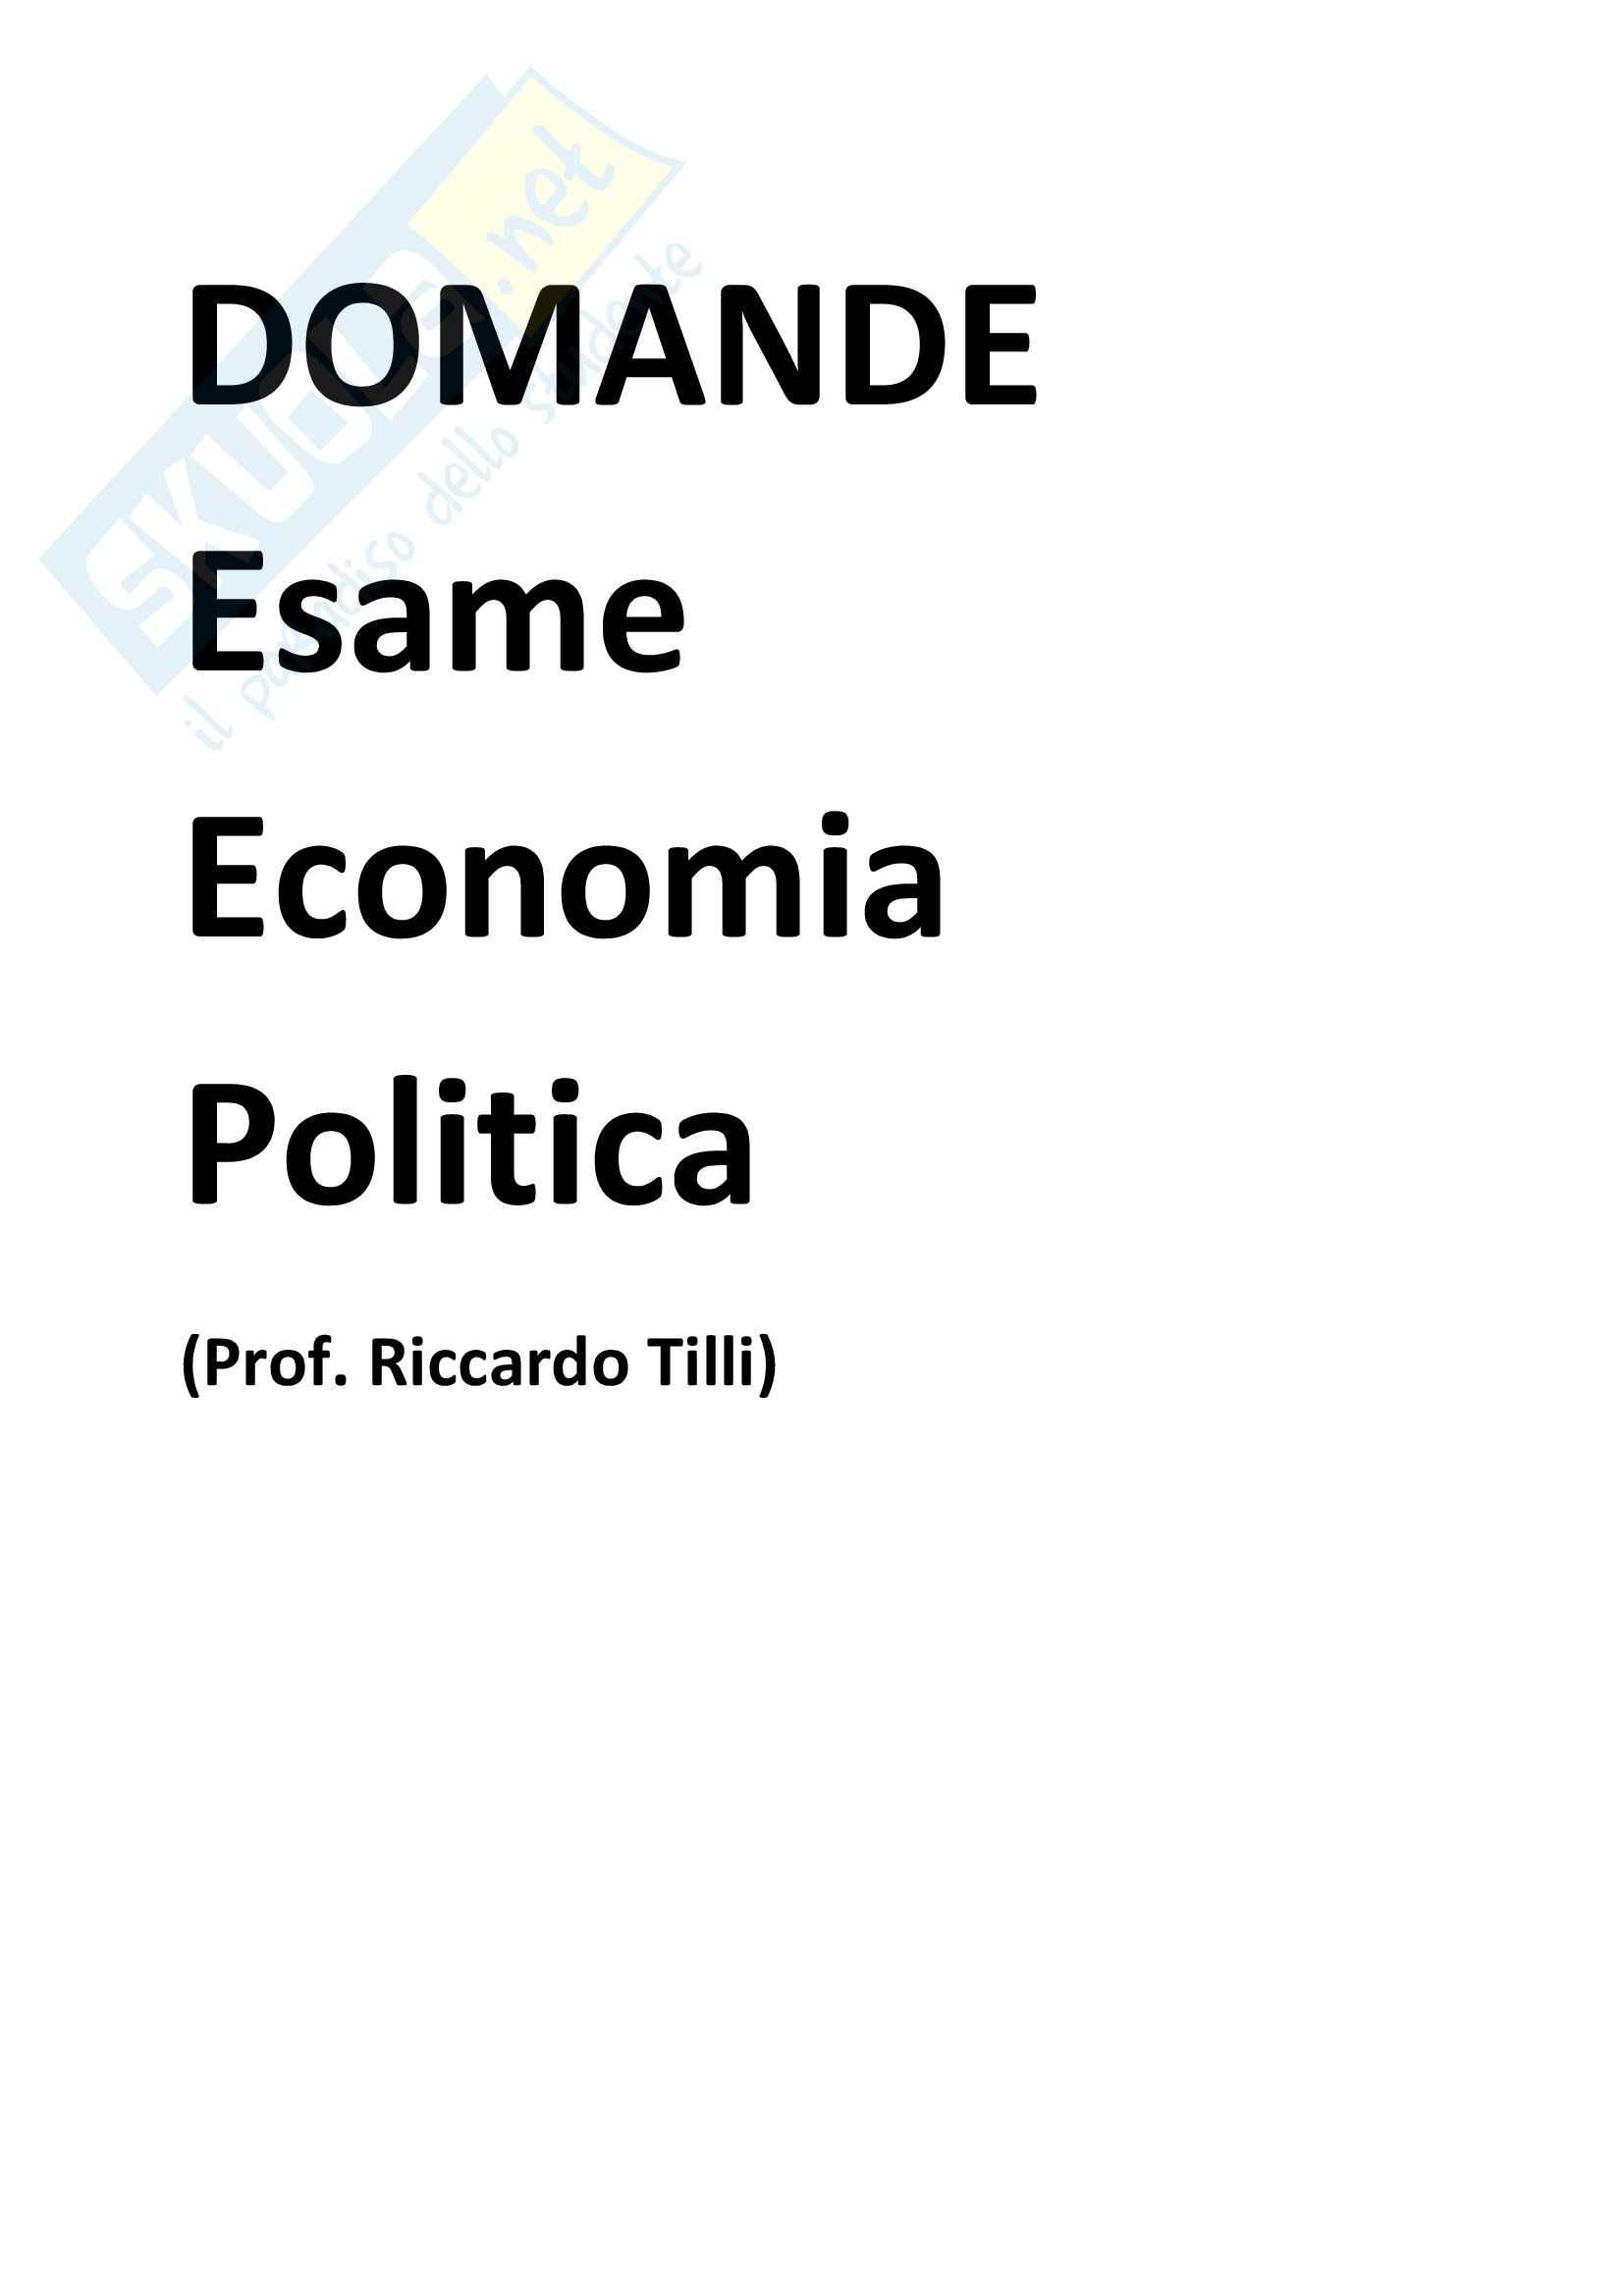 Domande frequenti economia politica Riccardo Tilli